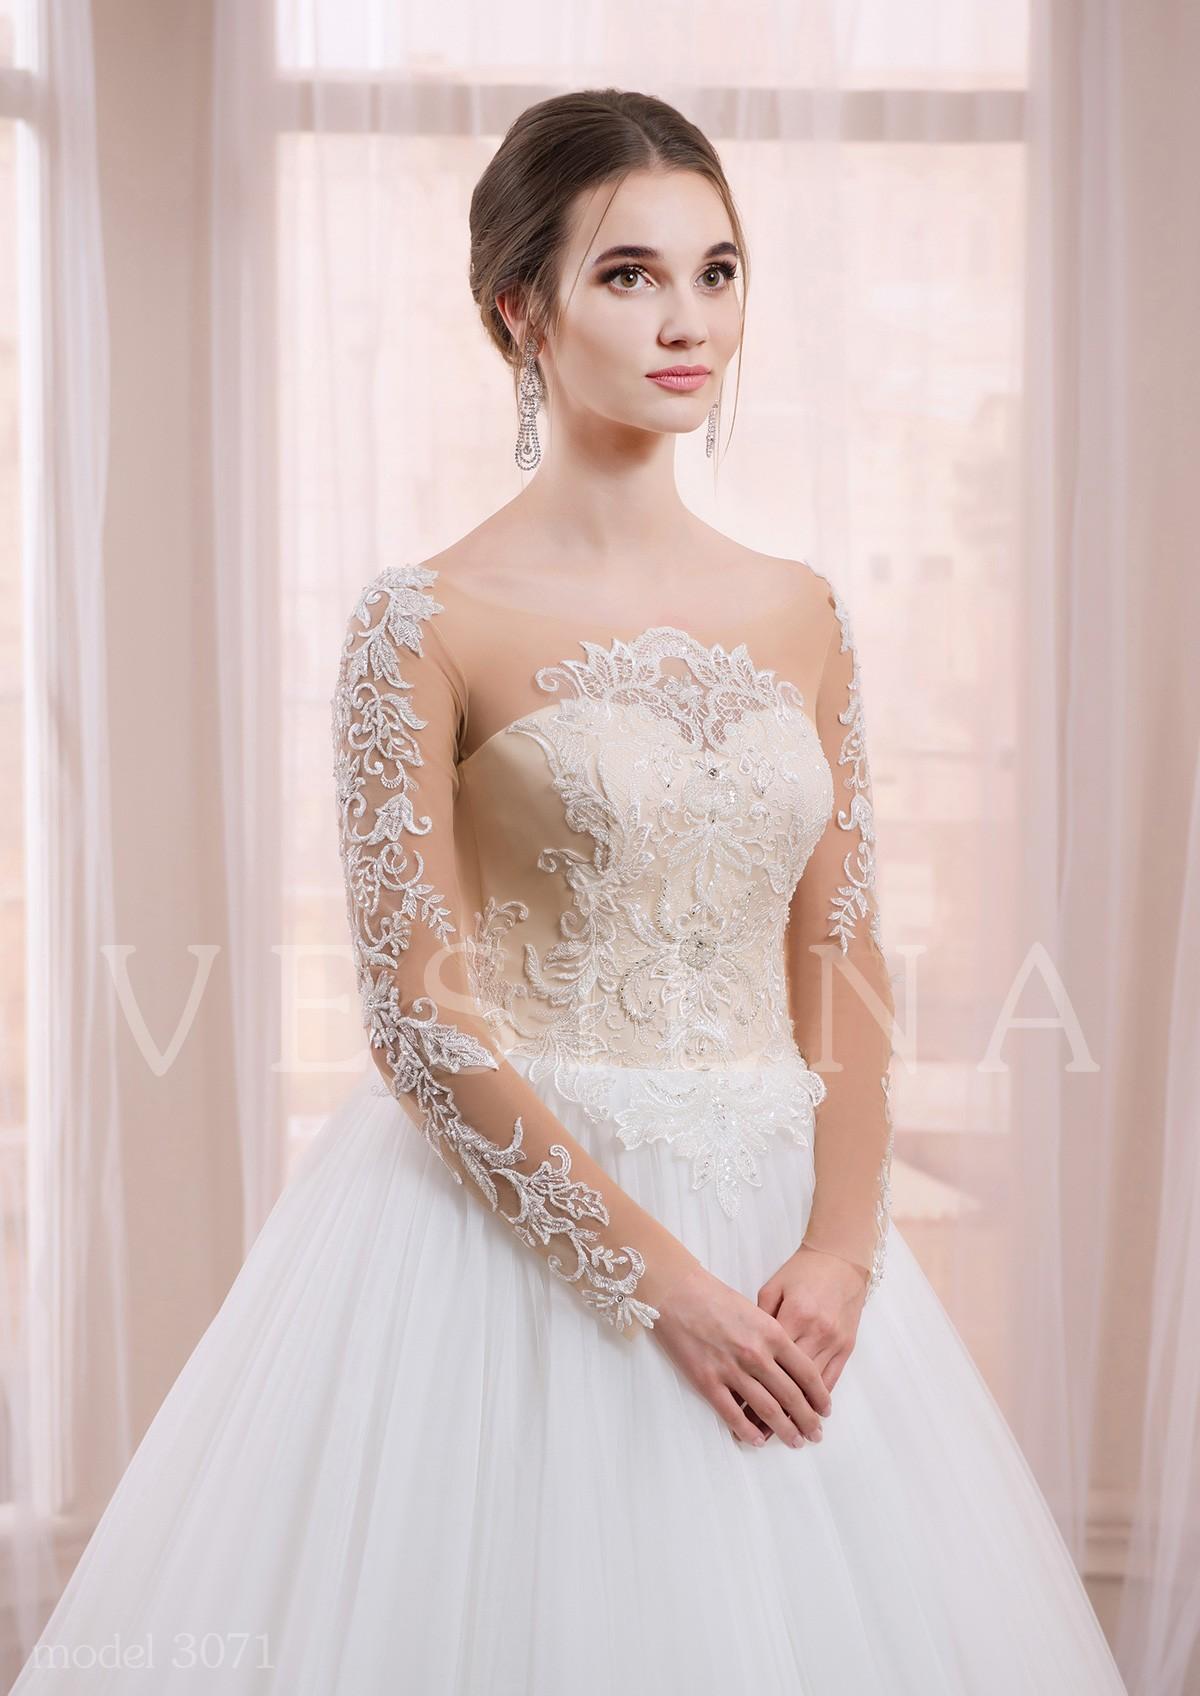 Недорогие Свадебные Платья По Интернету